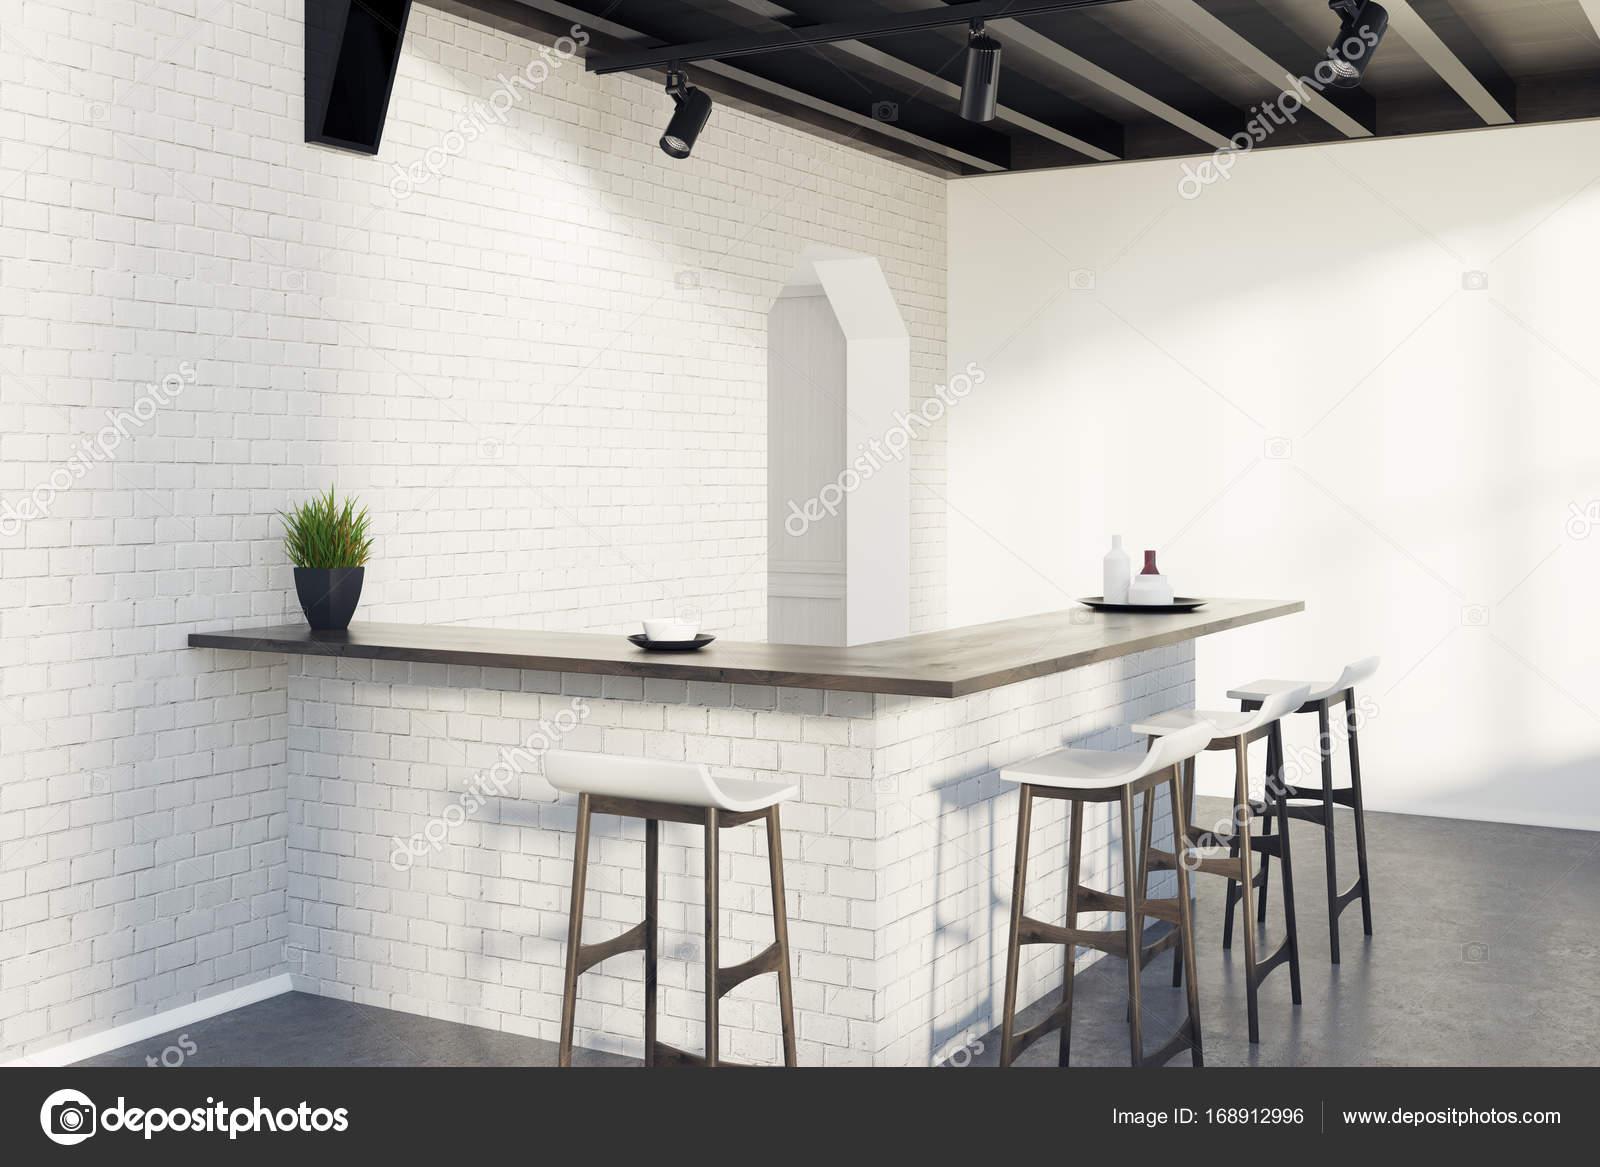 Mattone cucina bar sgabelli e una porta angolo grigio u2014 foto